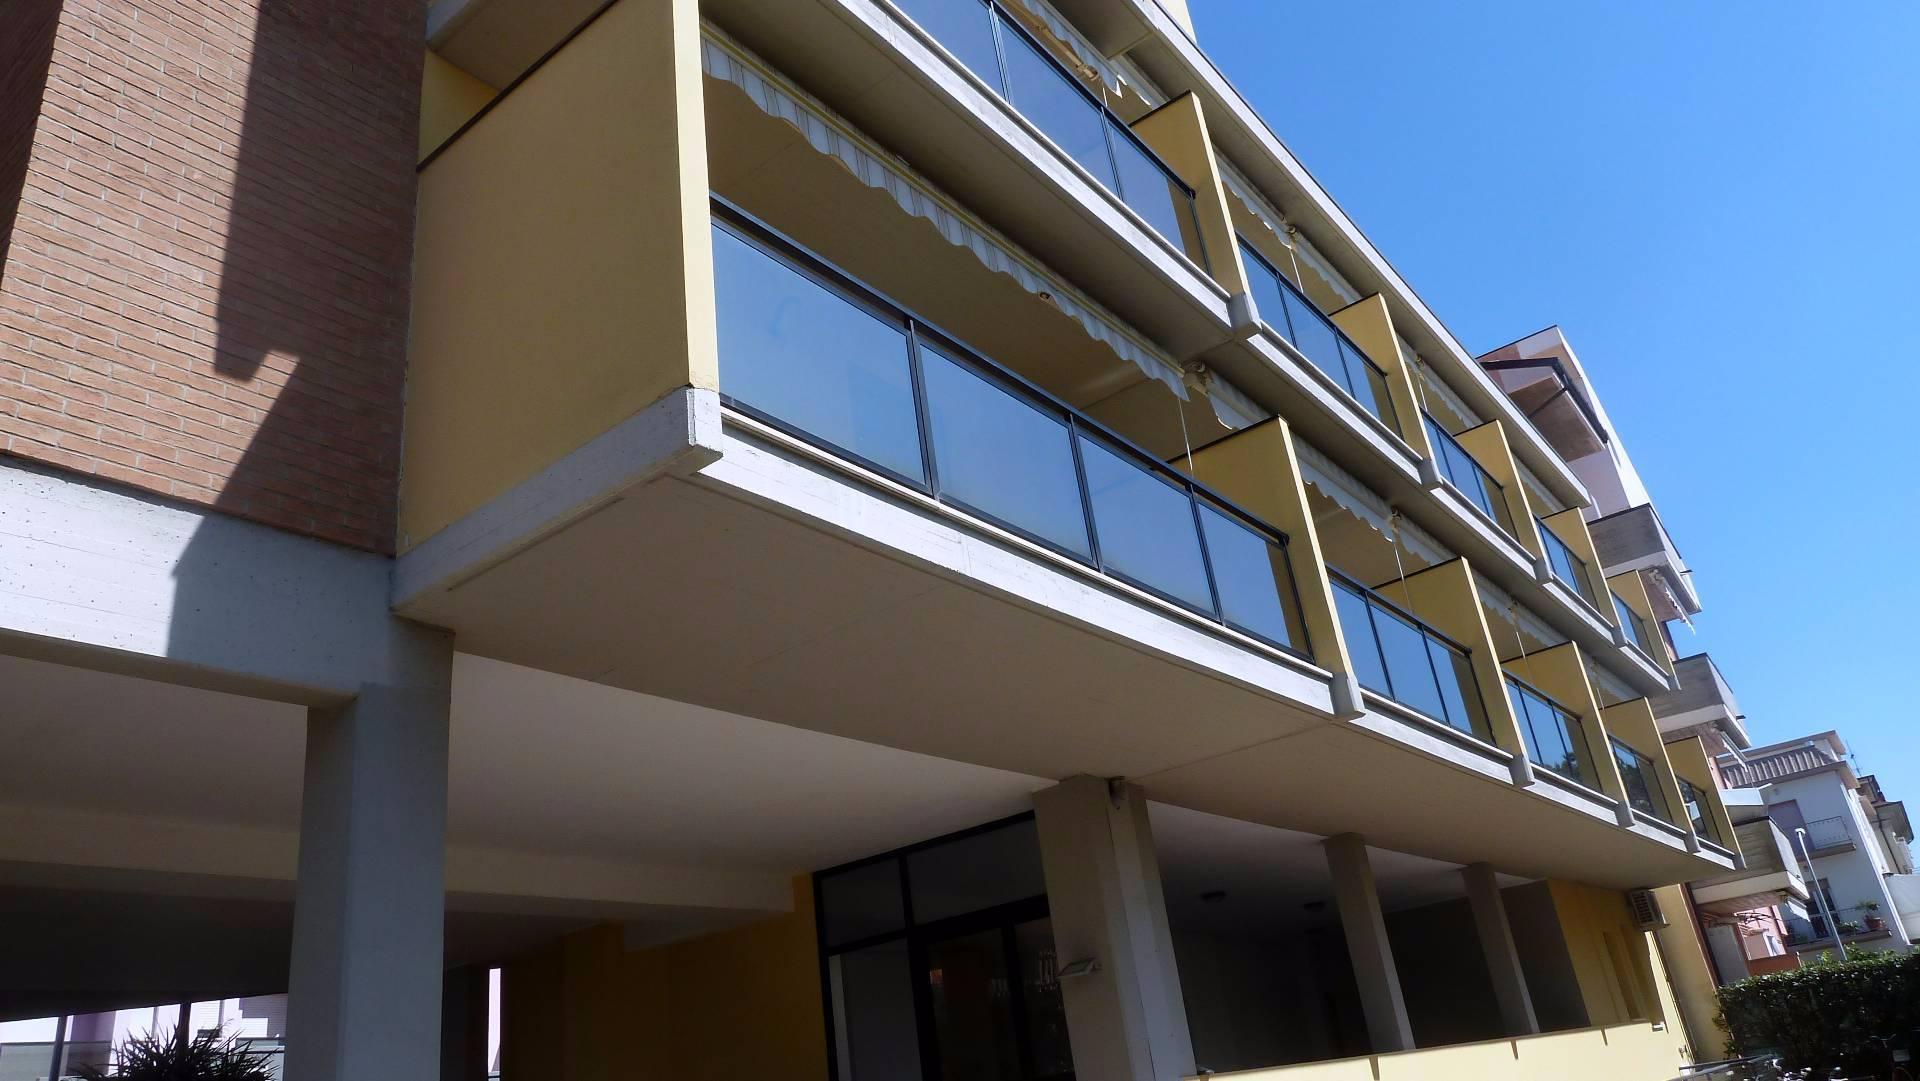 Attività / Licenza in vendita a Tortoreto, 9999 locali, zona Località: TortoretoLido, Trattative riservate | CambioCasa.it